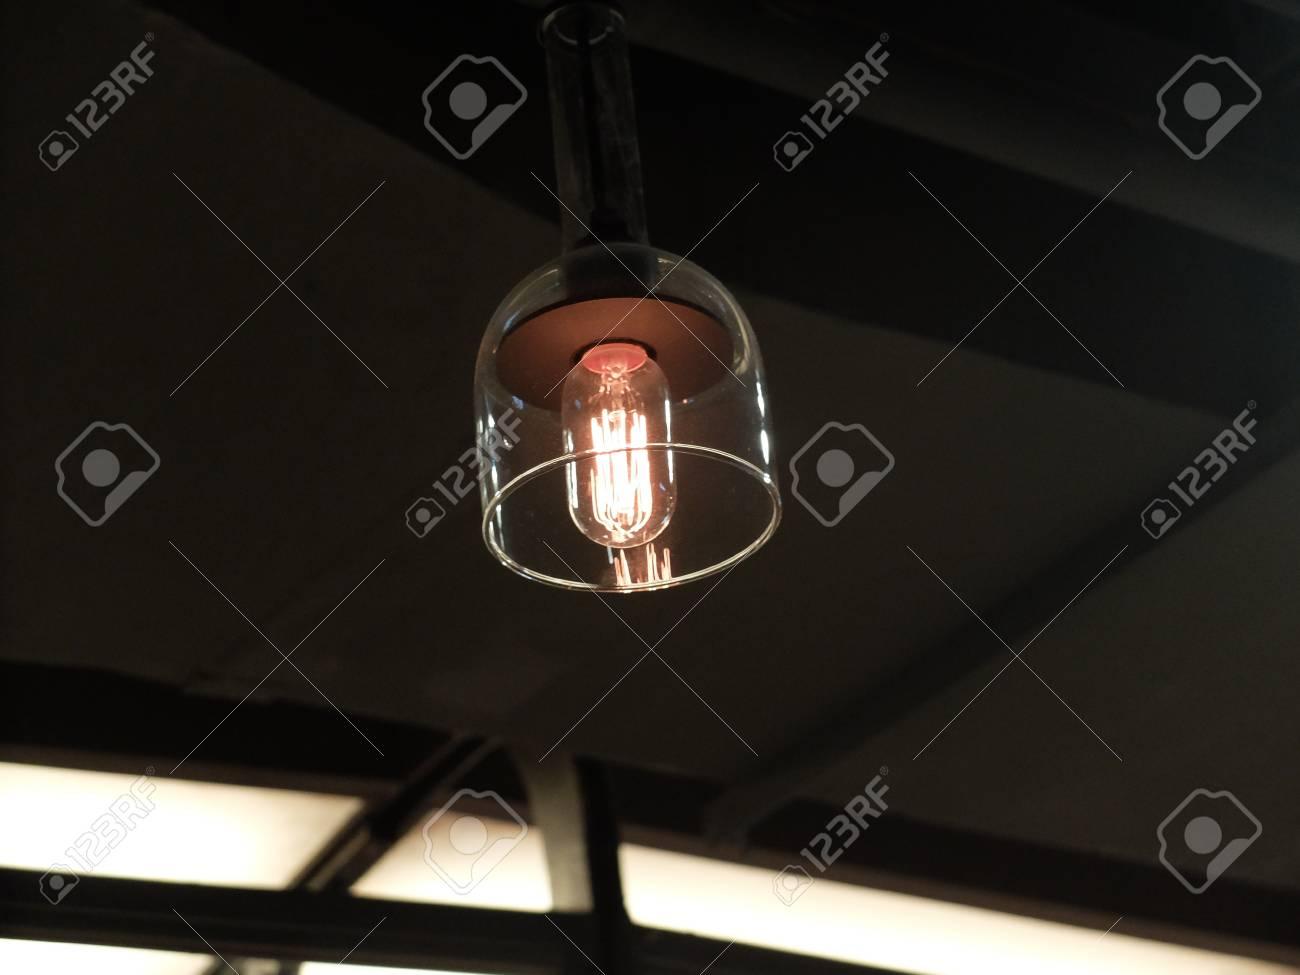 Eine glühlampe in einem modernen lampenschirm lizenzfreie fotos